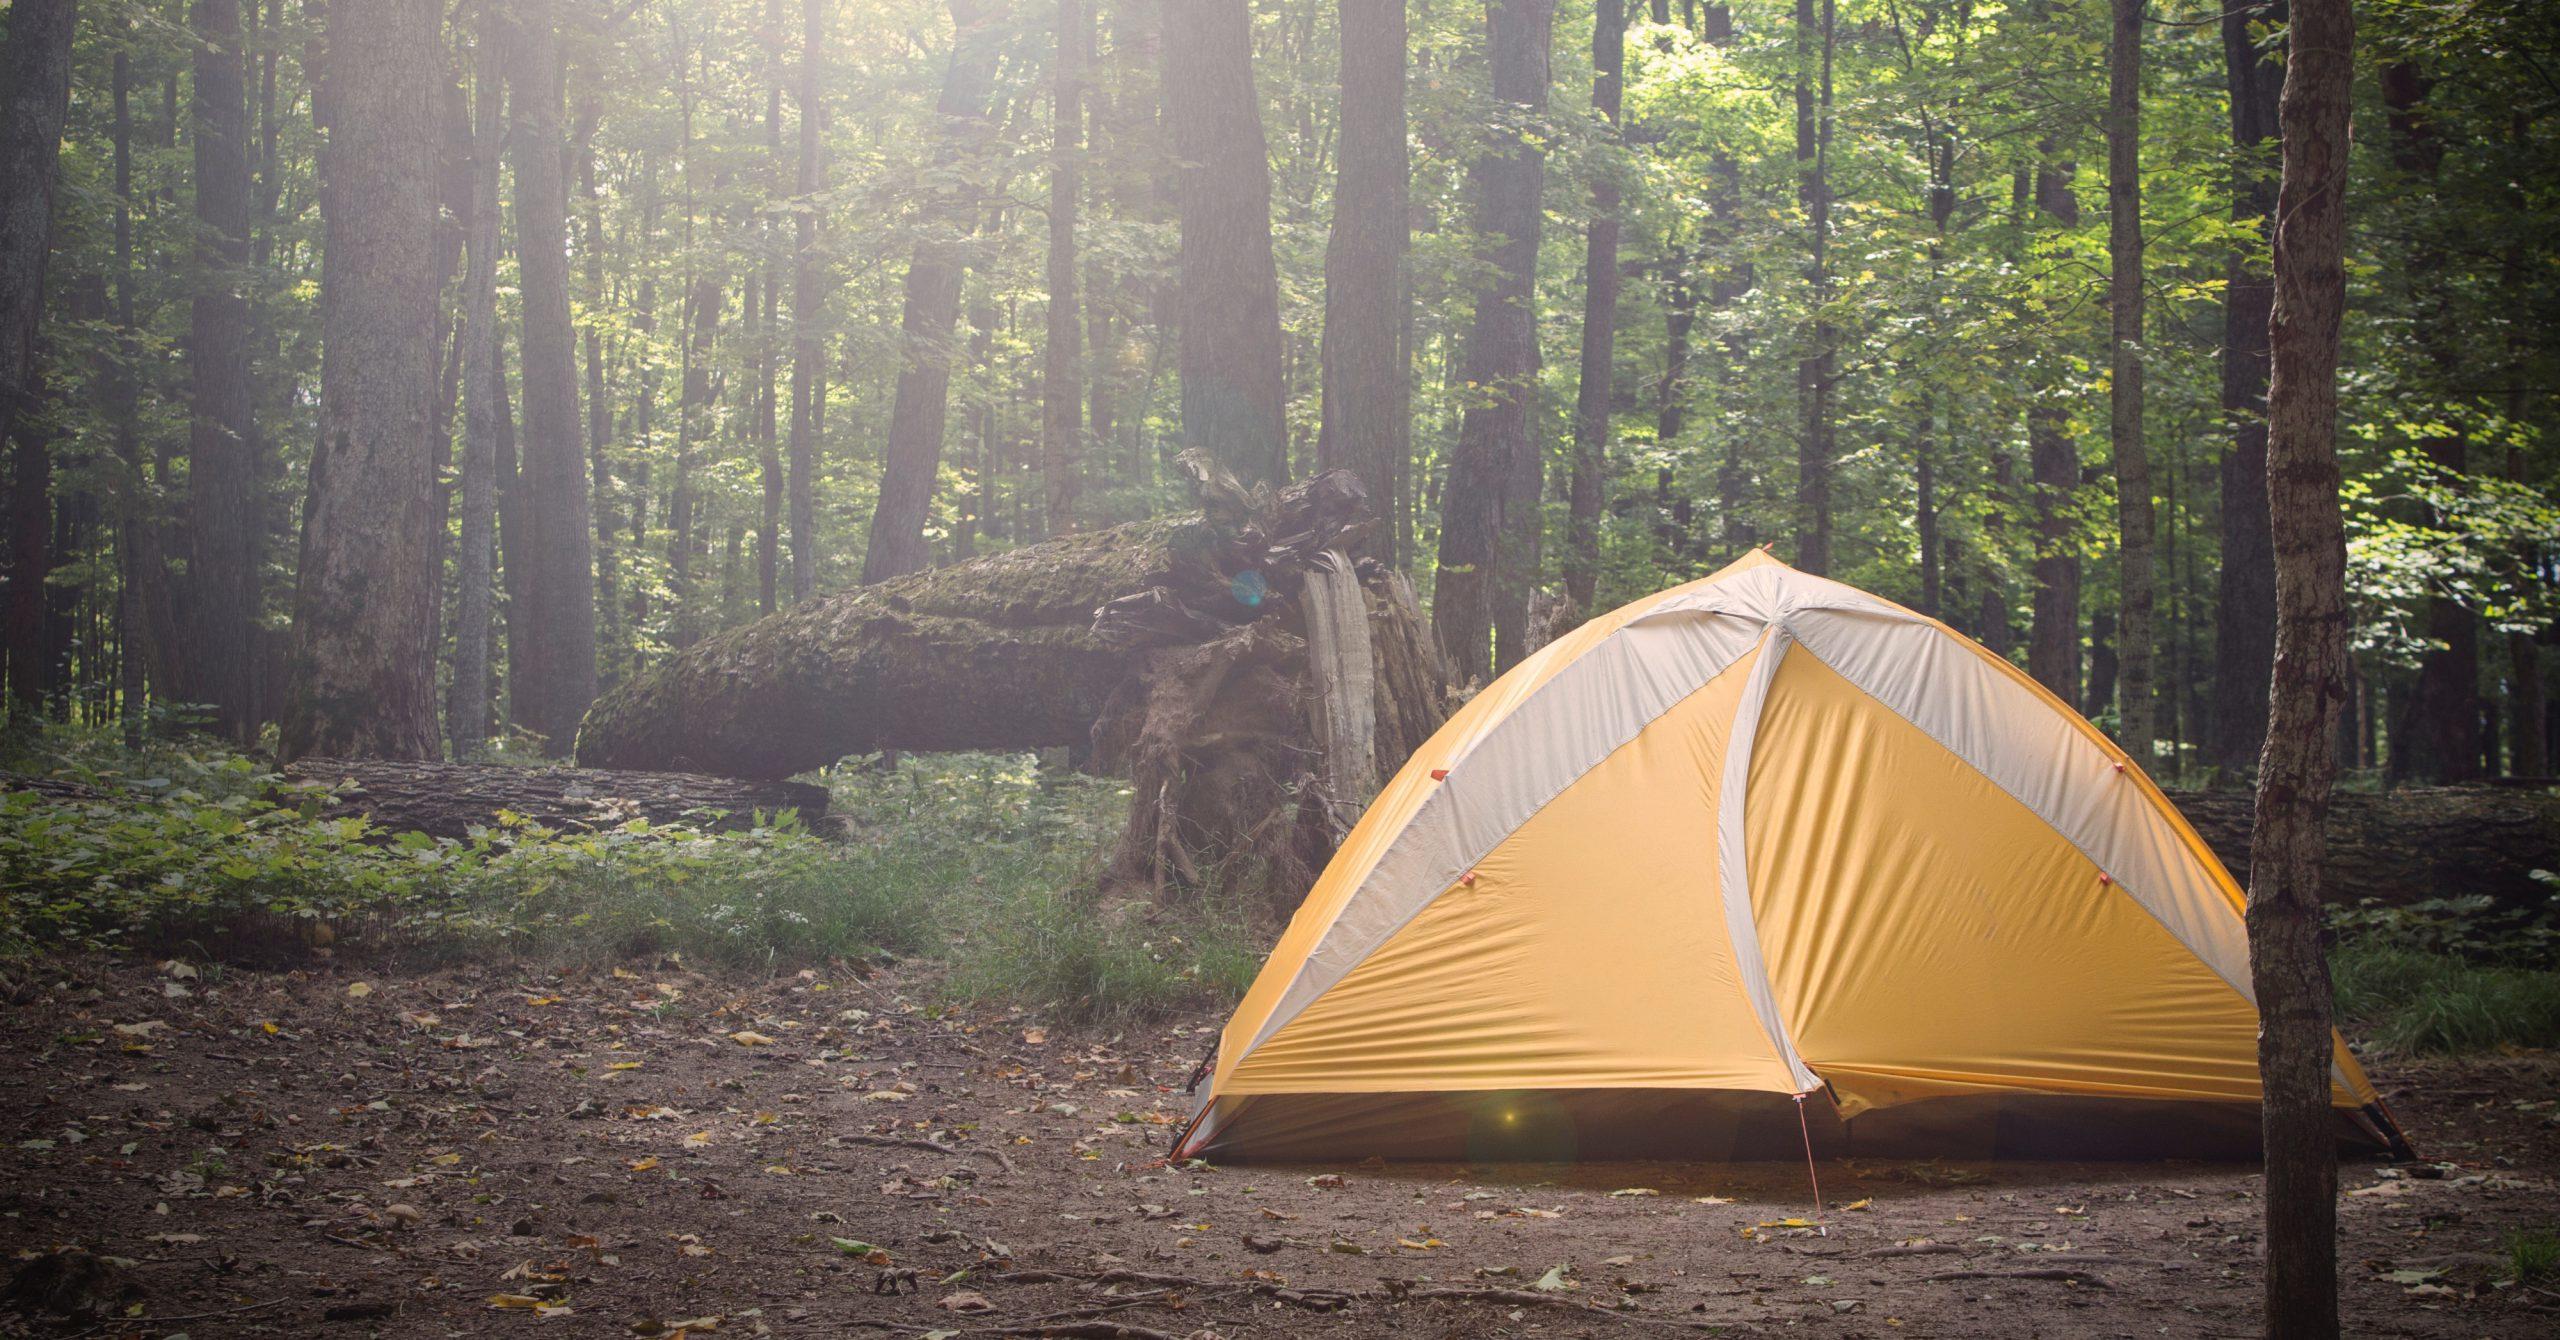 Darf ich im Wald übernachten?